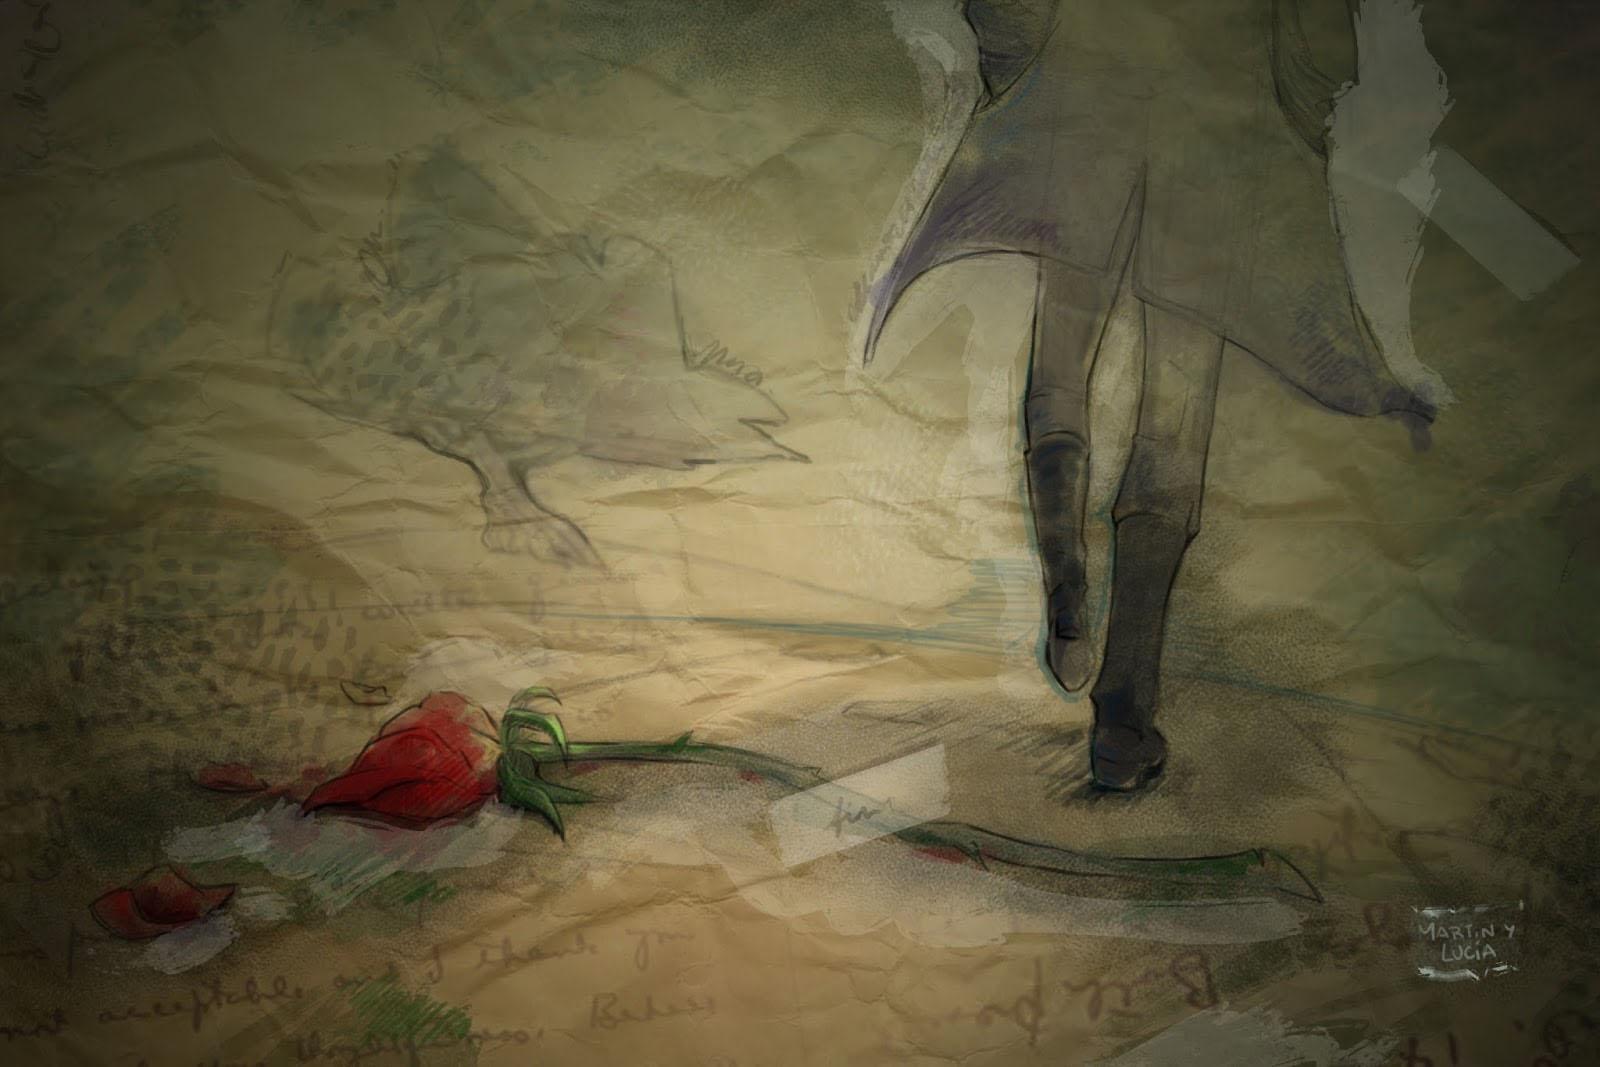 -Dijo que bailaría conmigo si le llevaba una rosa roja -se lamentaba el  joven estudiante-, pero no hay una solo rosa roja en todo mi jardín.